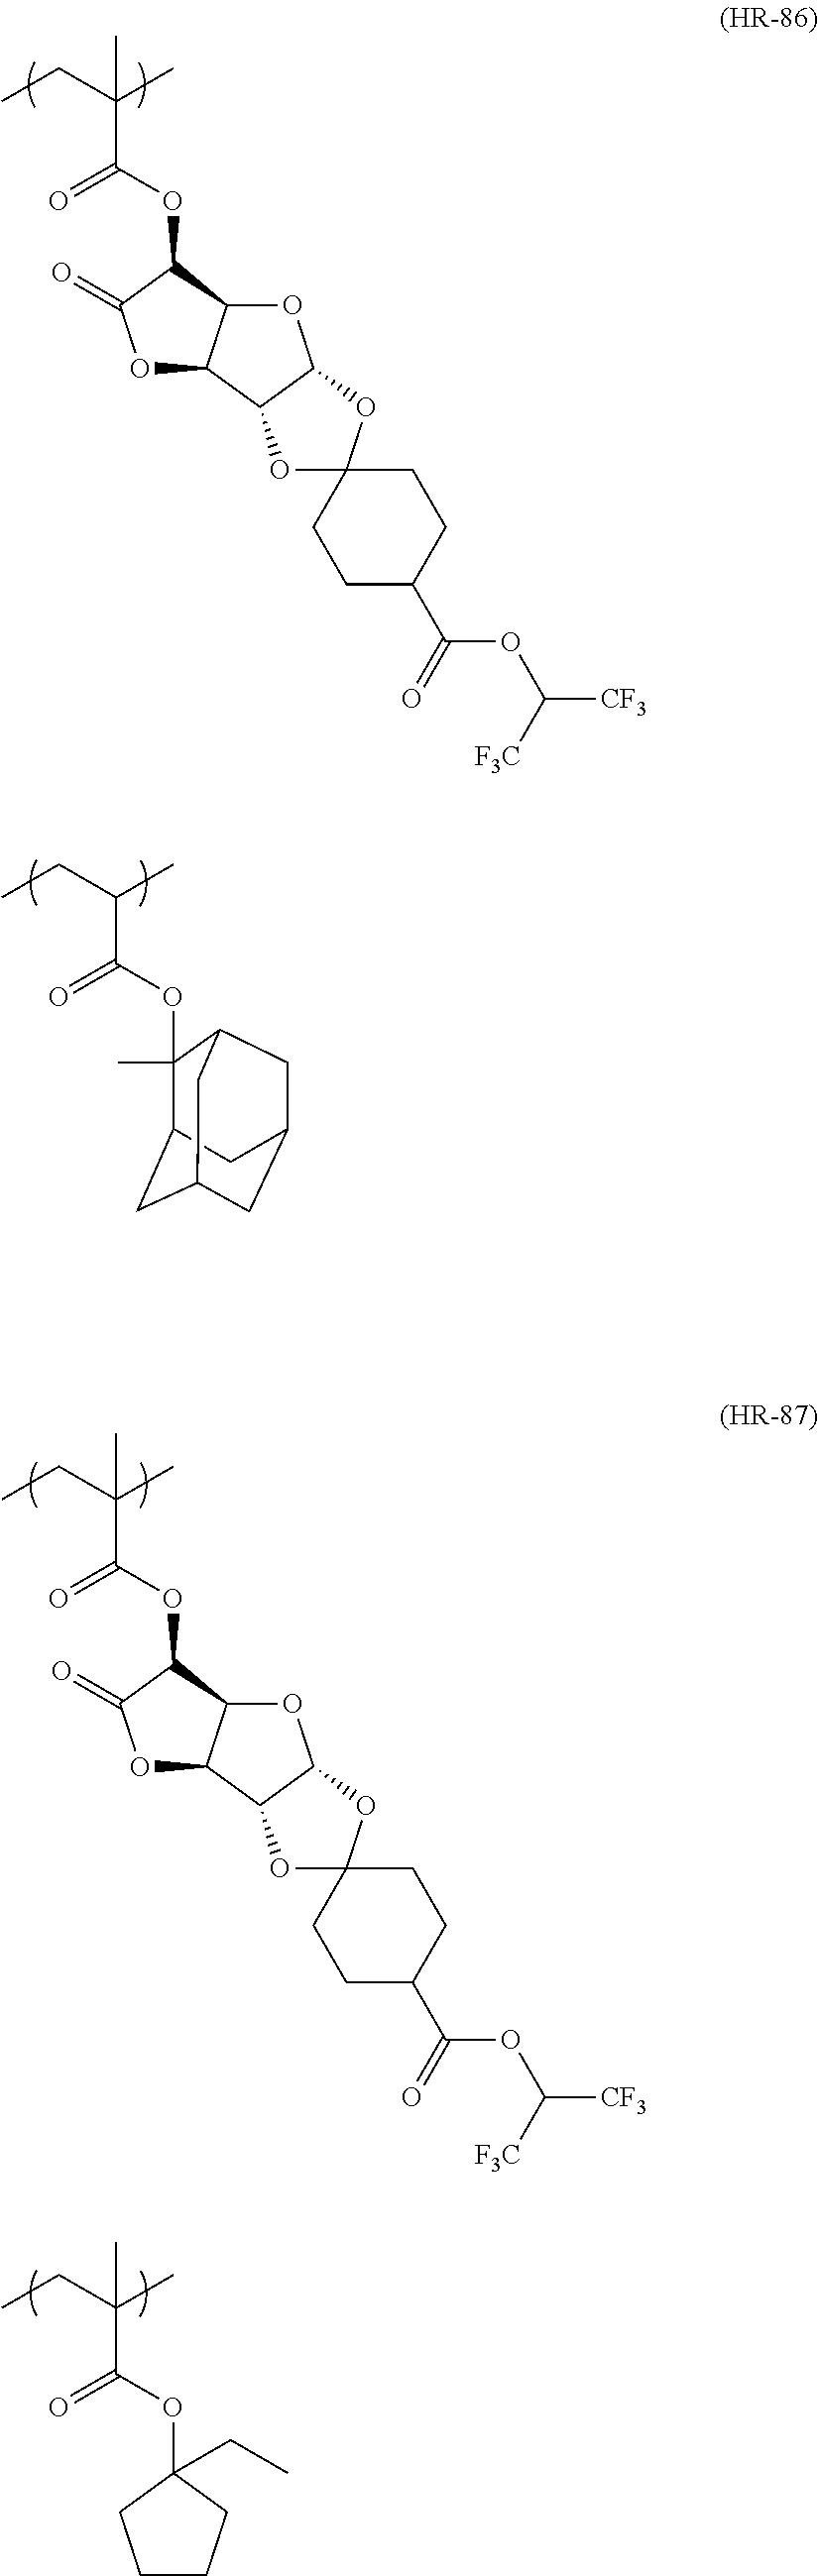 Figure US08404427-20130326-C00174